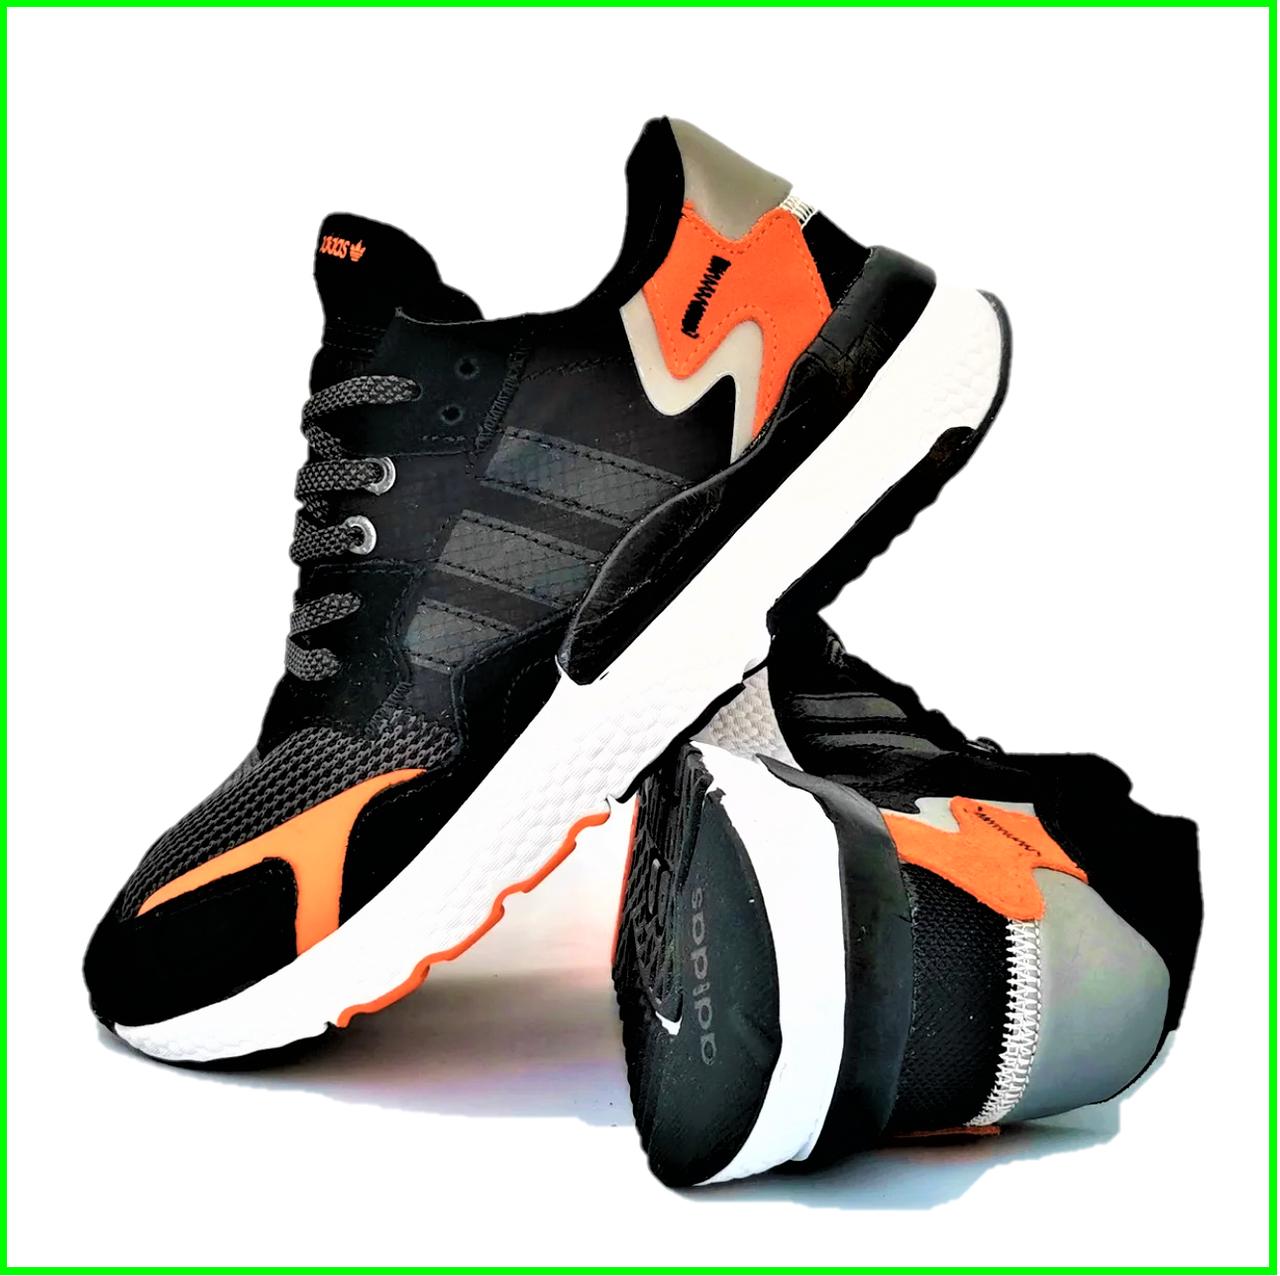 Кроссовки Мужские Adidas Jogger Чёрные Адидас (размеры: 41,42,44,45) Видео Обзор